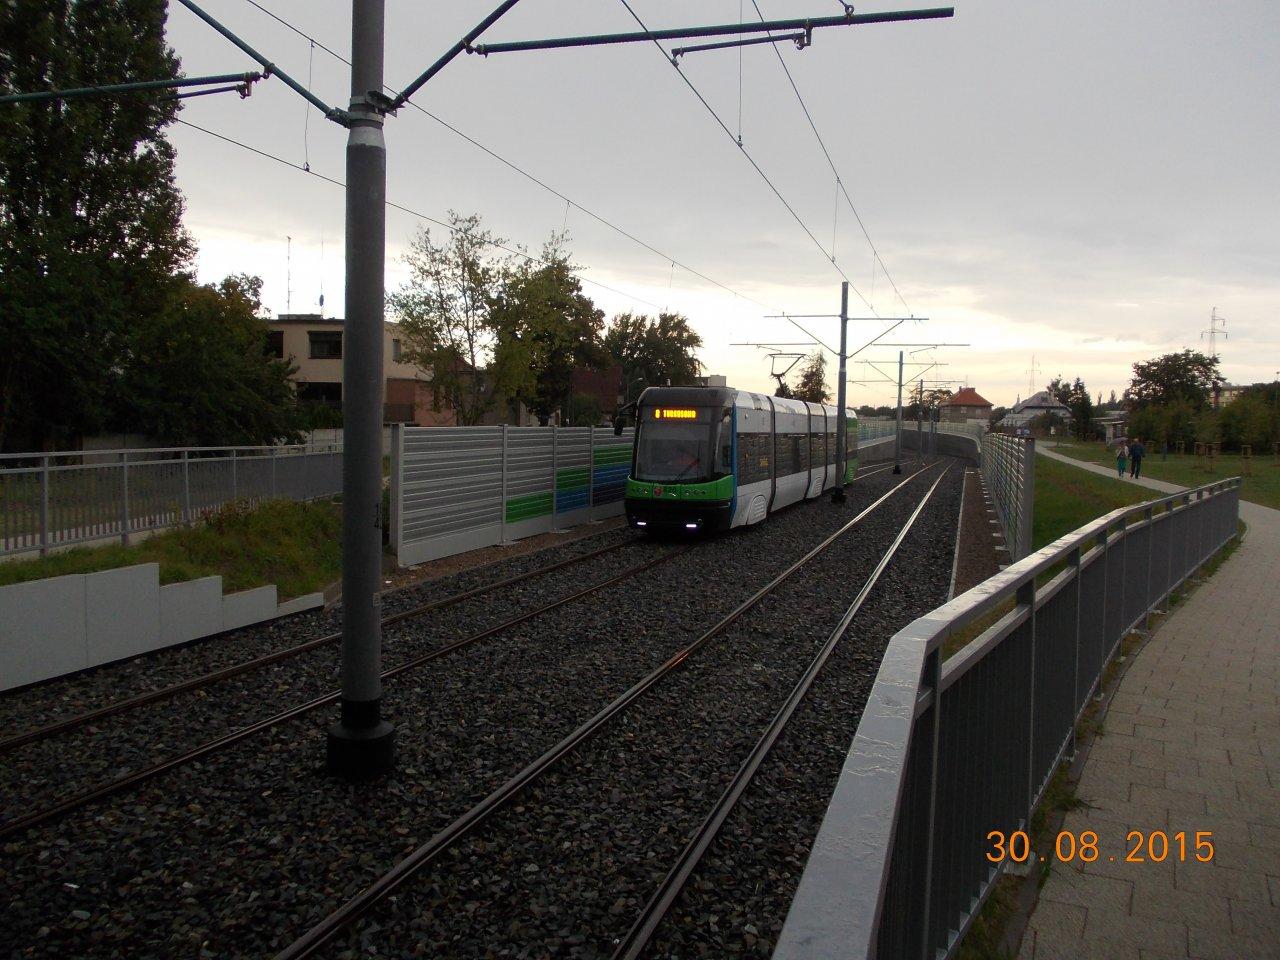 DSCN4344.JPG